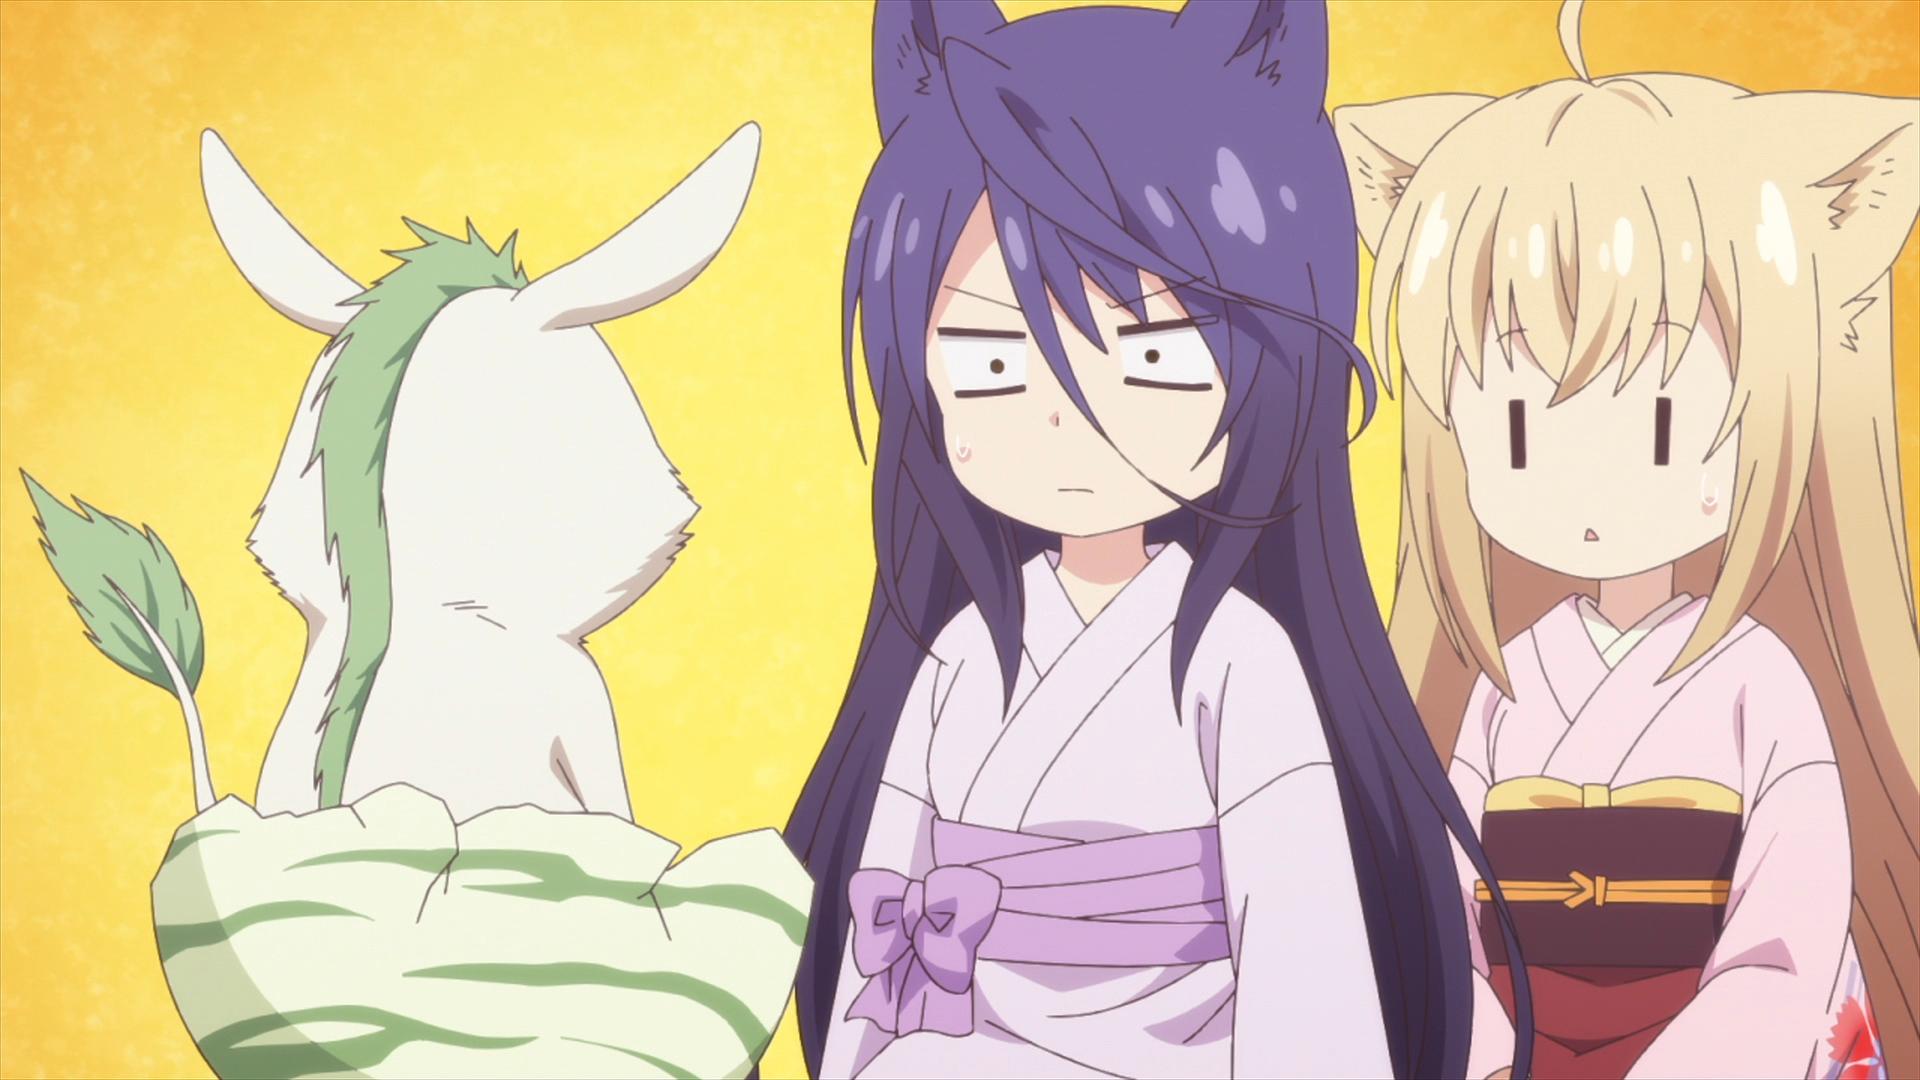 Satsuki y Yuzu se quedan estupefactos cuando Urinosuke, un espíritu infantil devorador de pesadillas conocido como baku, nace de un huevo en una escena del anime de televisión KONOHANA KITAN.